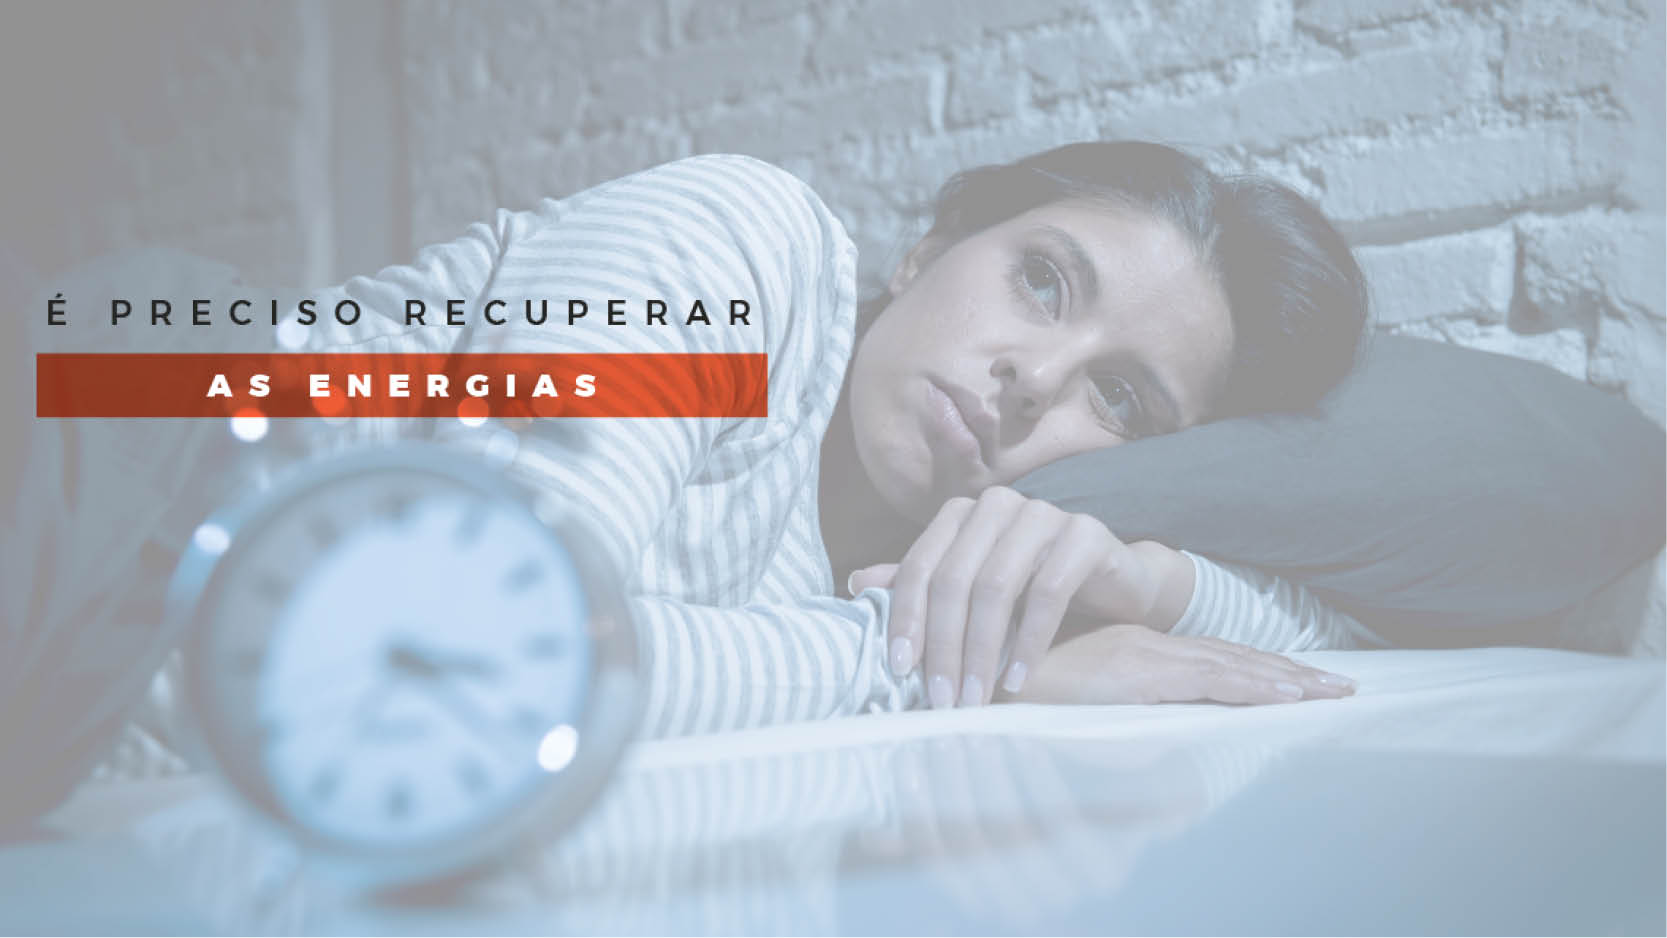 O indicado é dormir de 6 a 8 horas por dia, sem interrupções